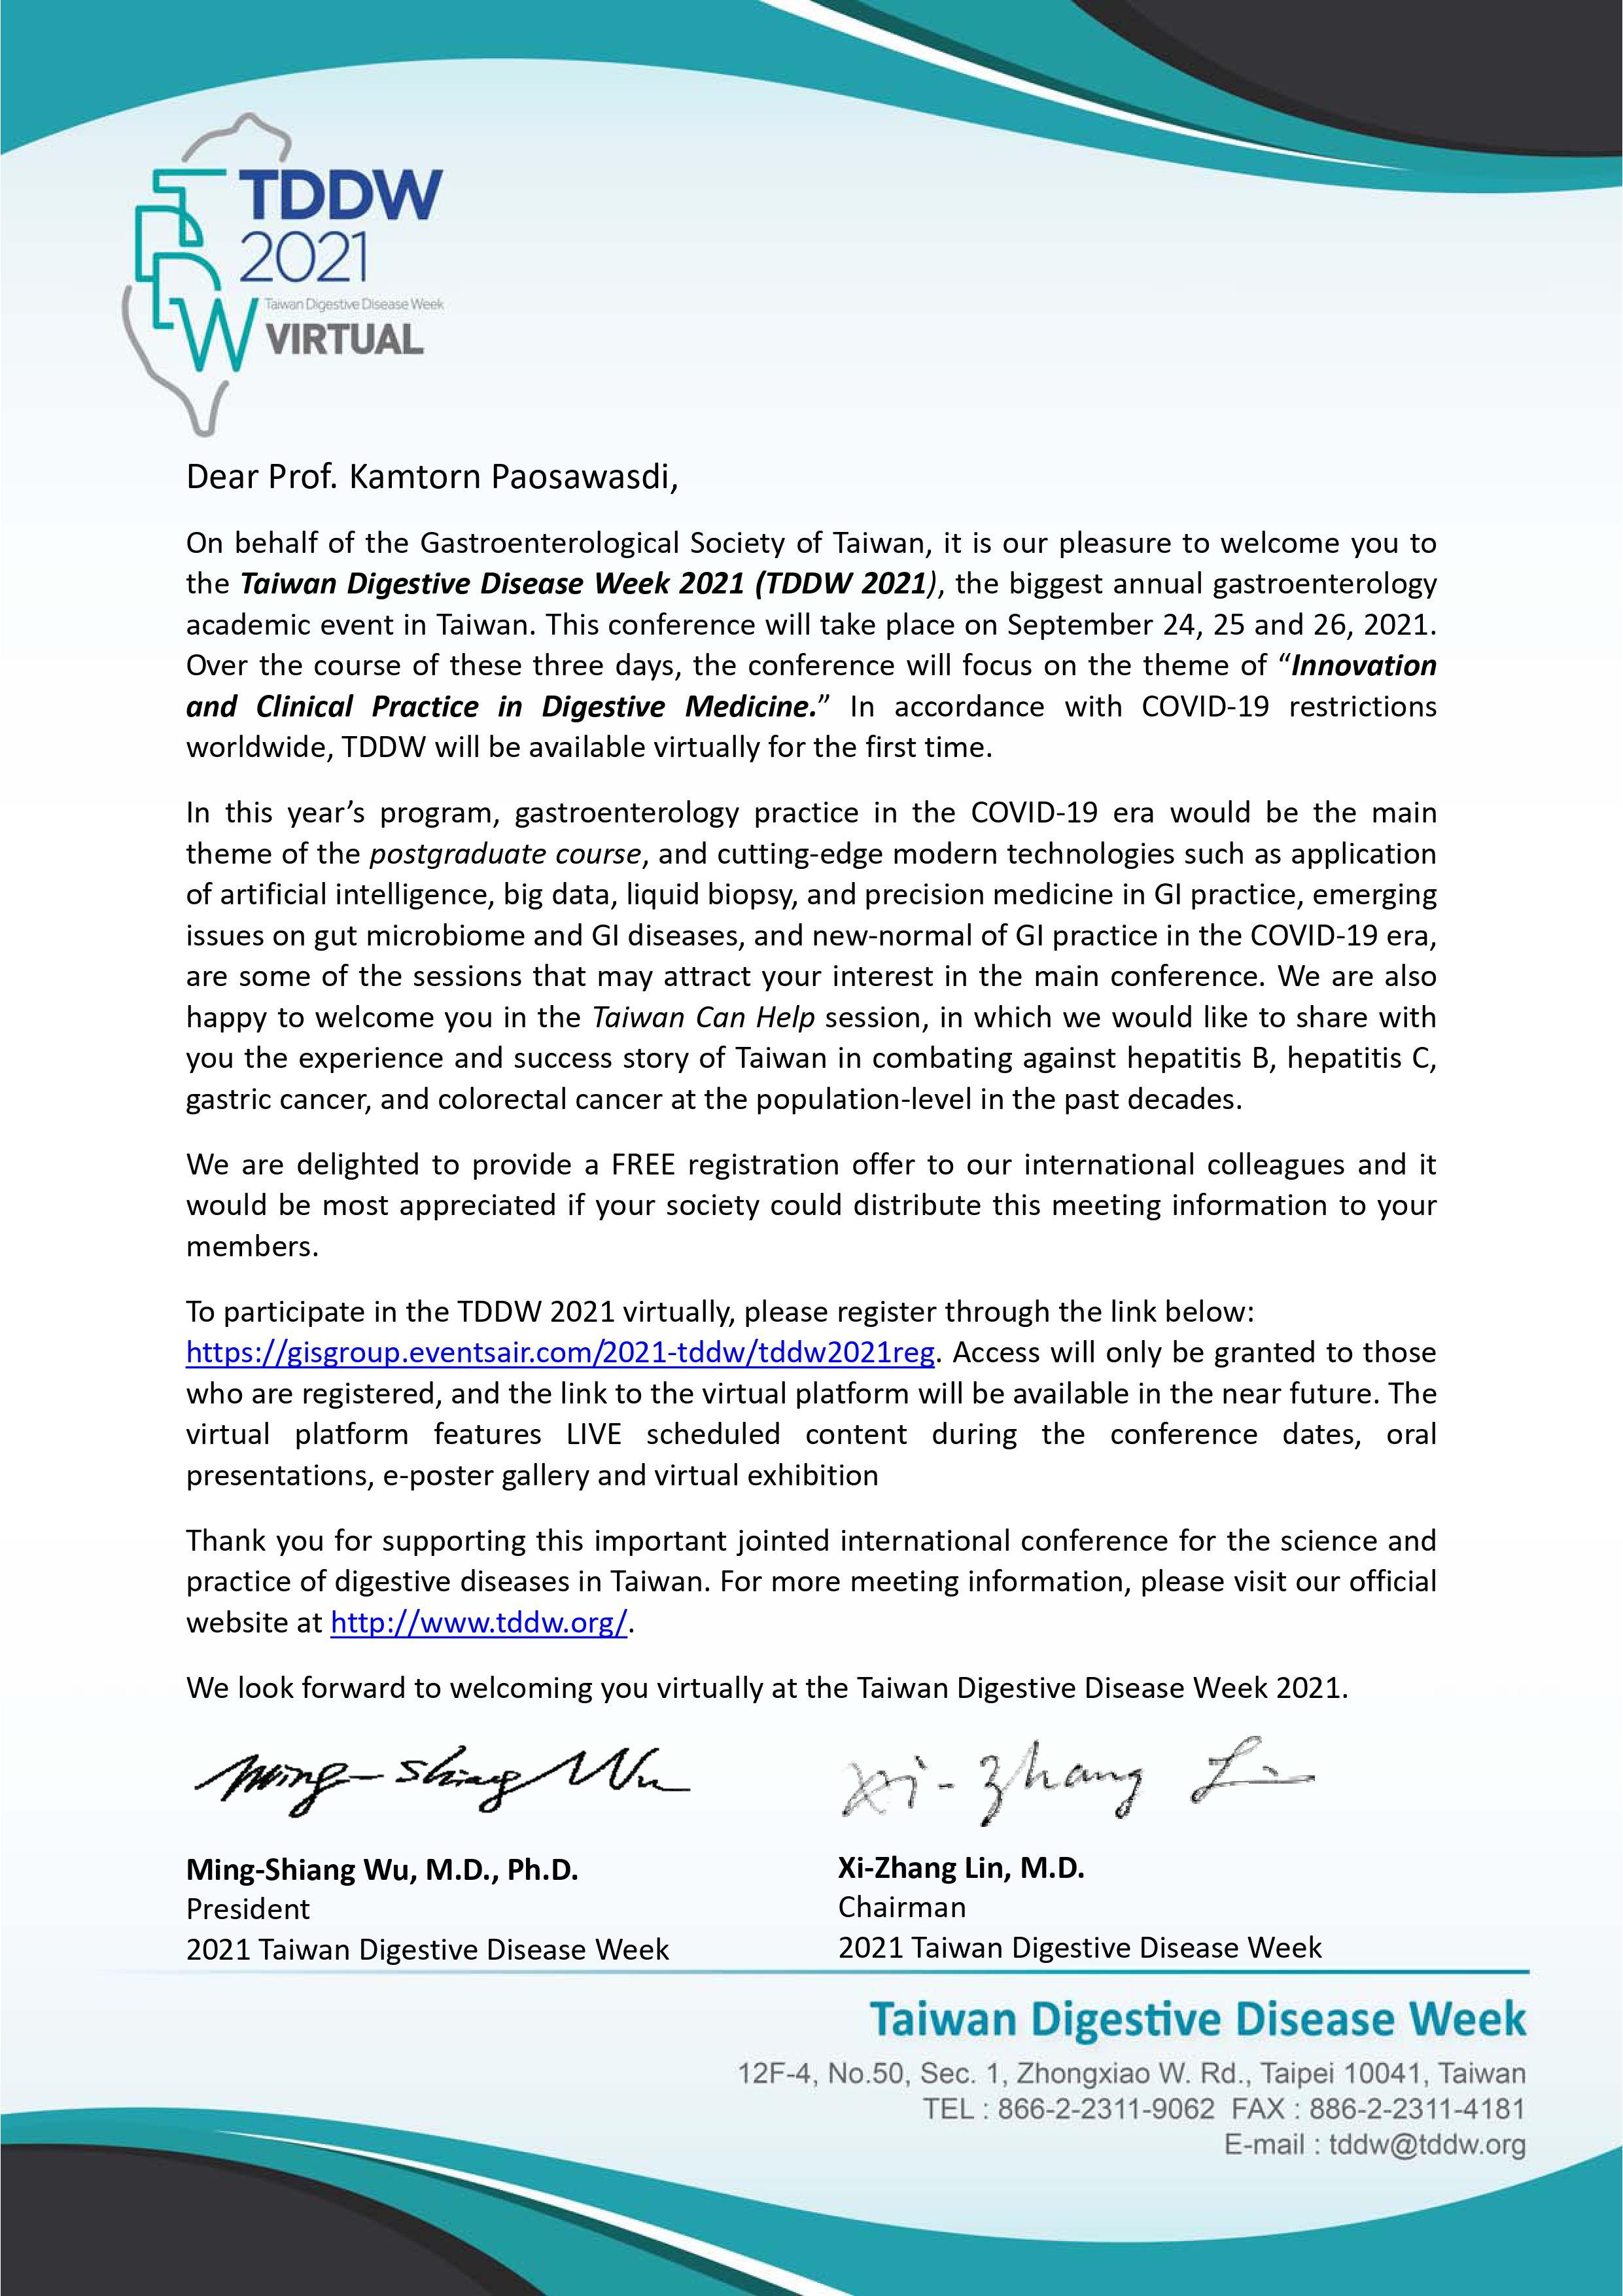 Invitation Letter from 2021 Taiwan Digestive Disease Week (2021 TDDW)